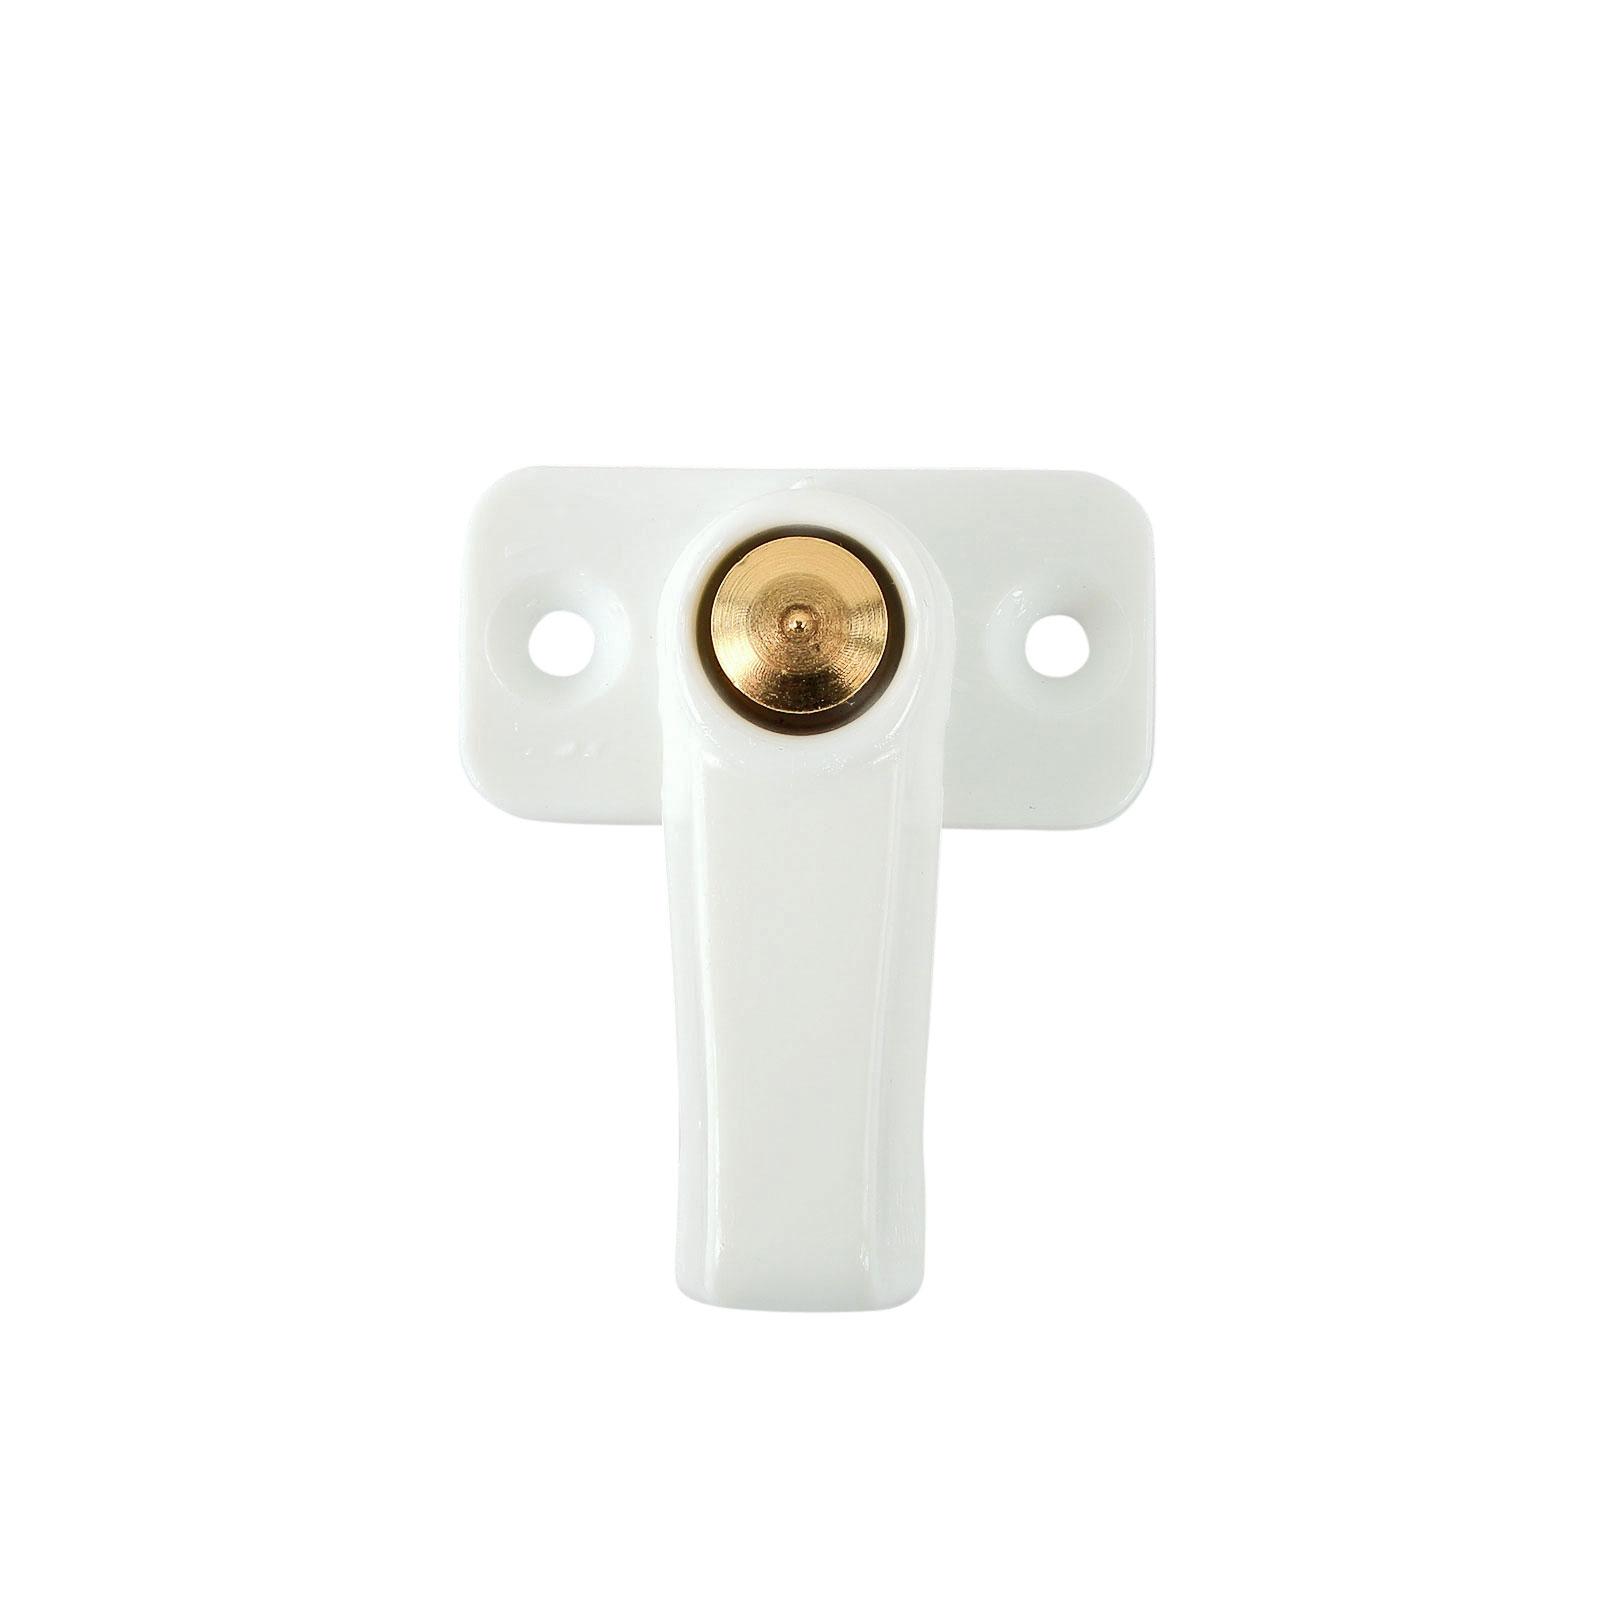 Stauklappen Dreh Riegel weiß Vorreiber 3,5 mm Grundplatte